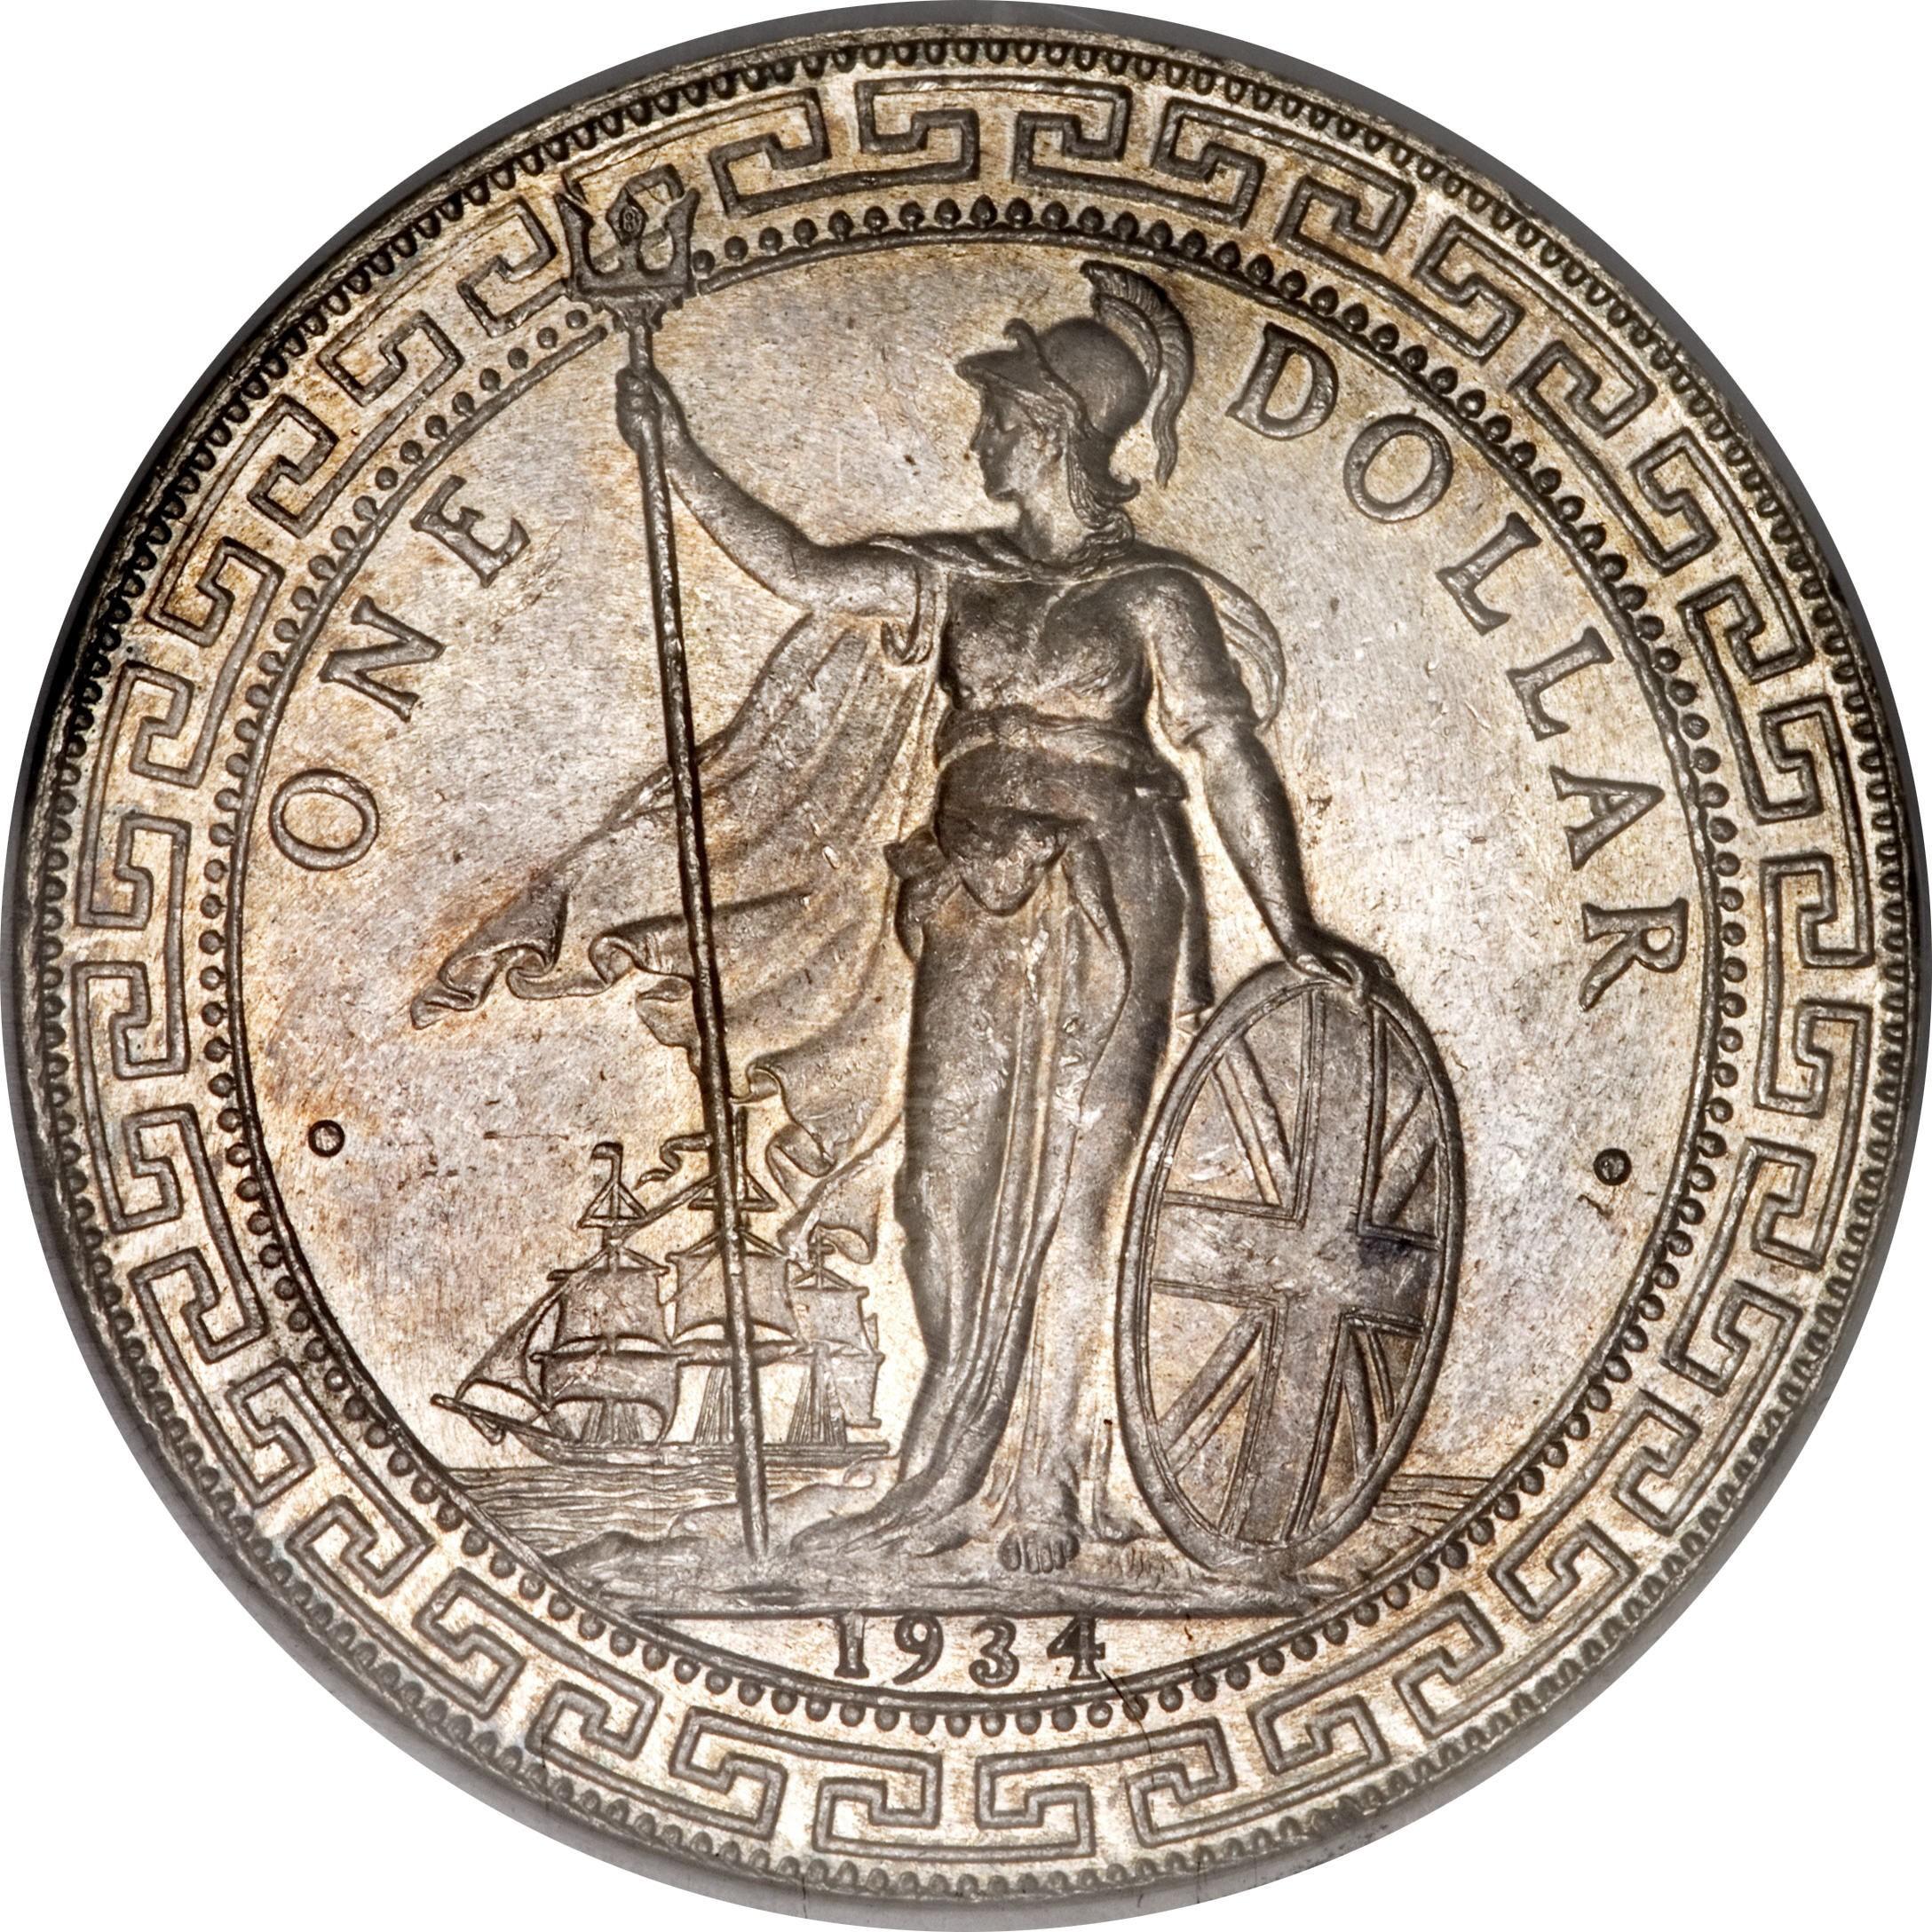 British 1 Dollar (1895-1935 British Trade Dollar)